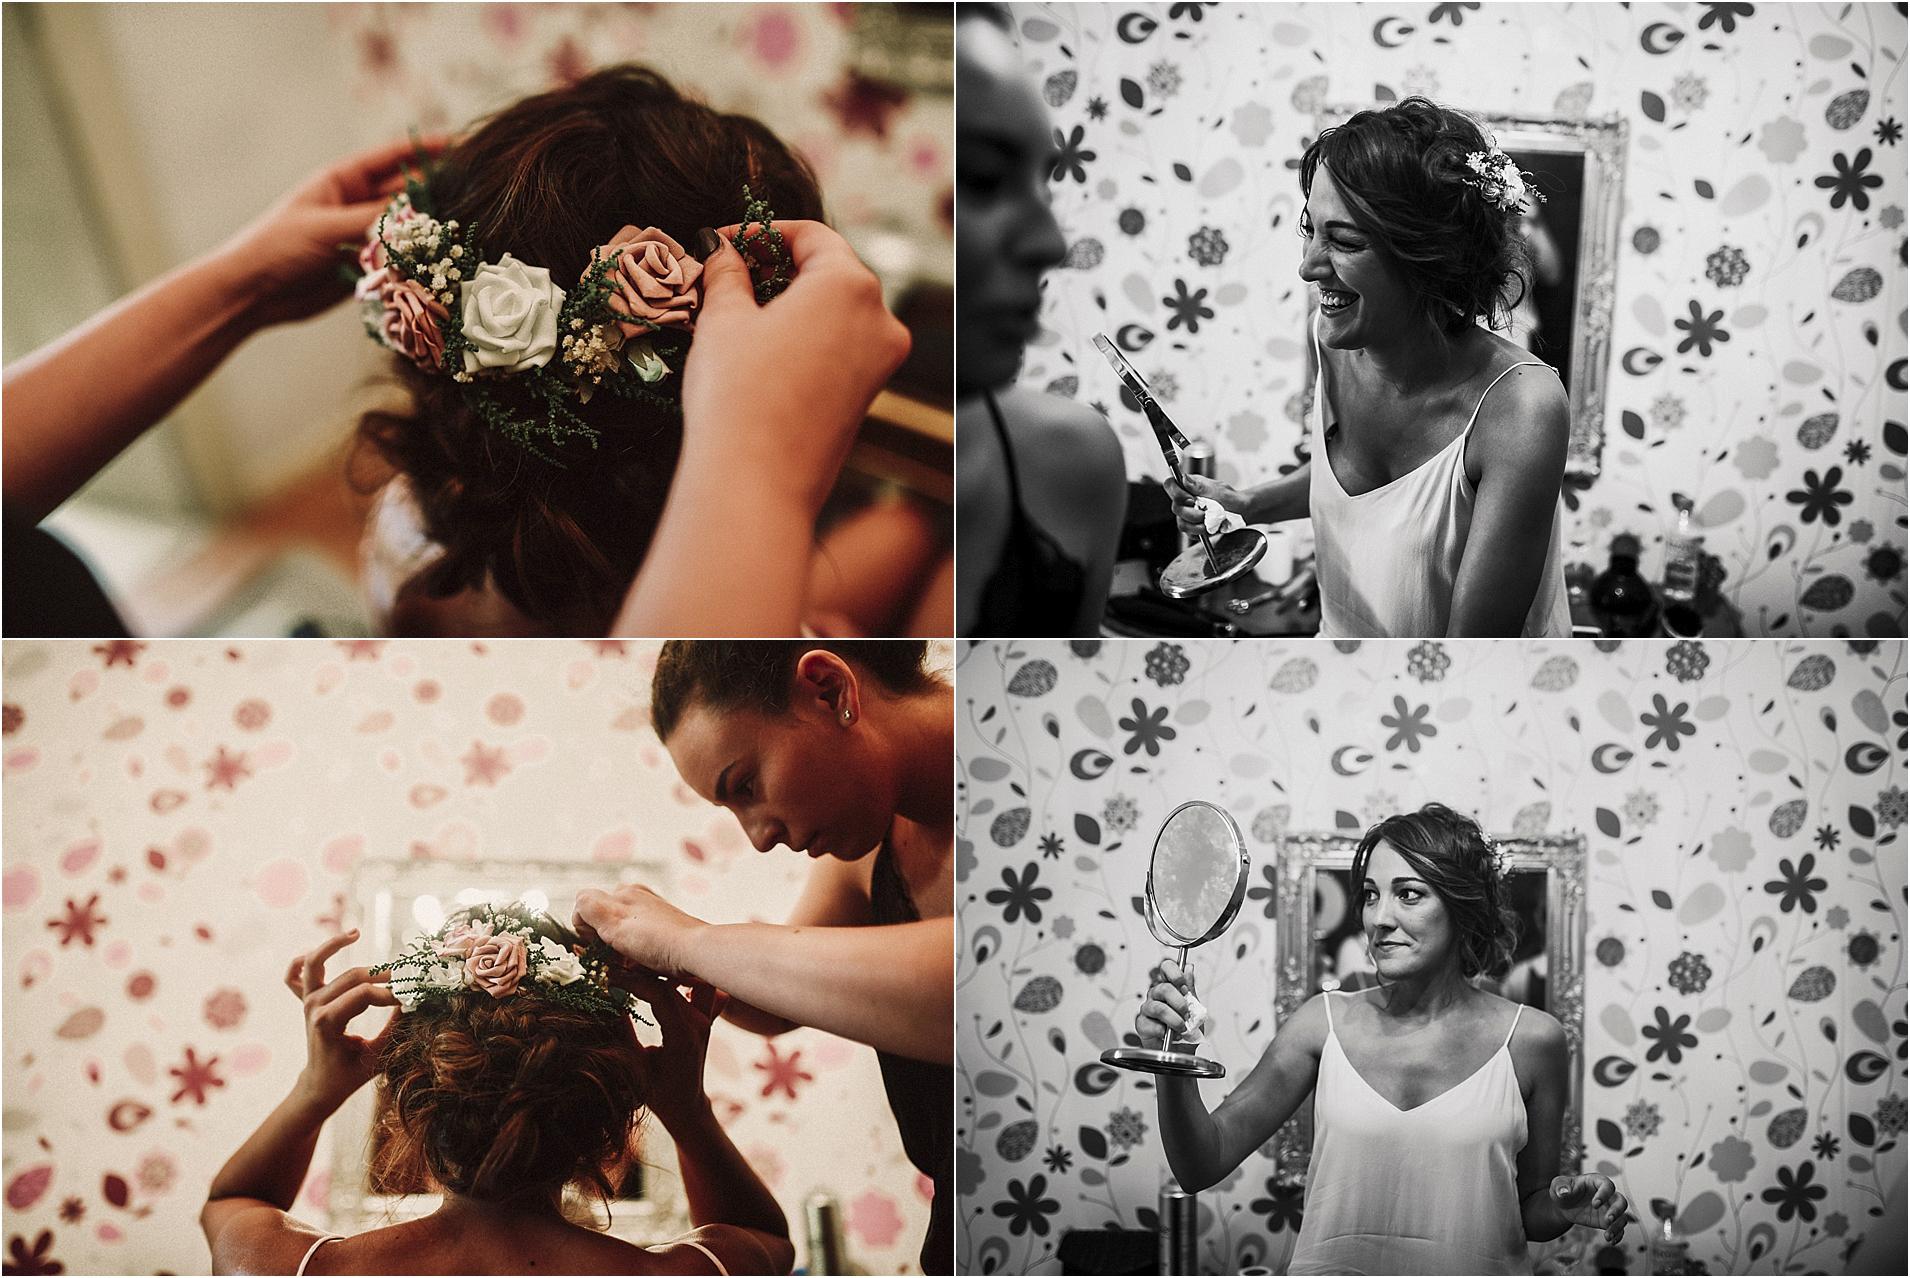 Fotografos-de-boda-donostia-zaragoza-san-sebastian-destination-wedding-photographer-24.jpg